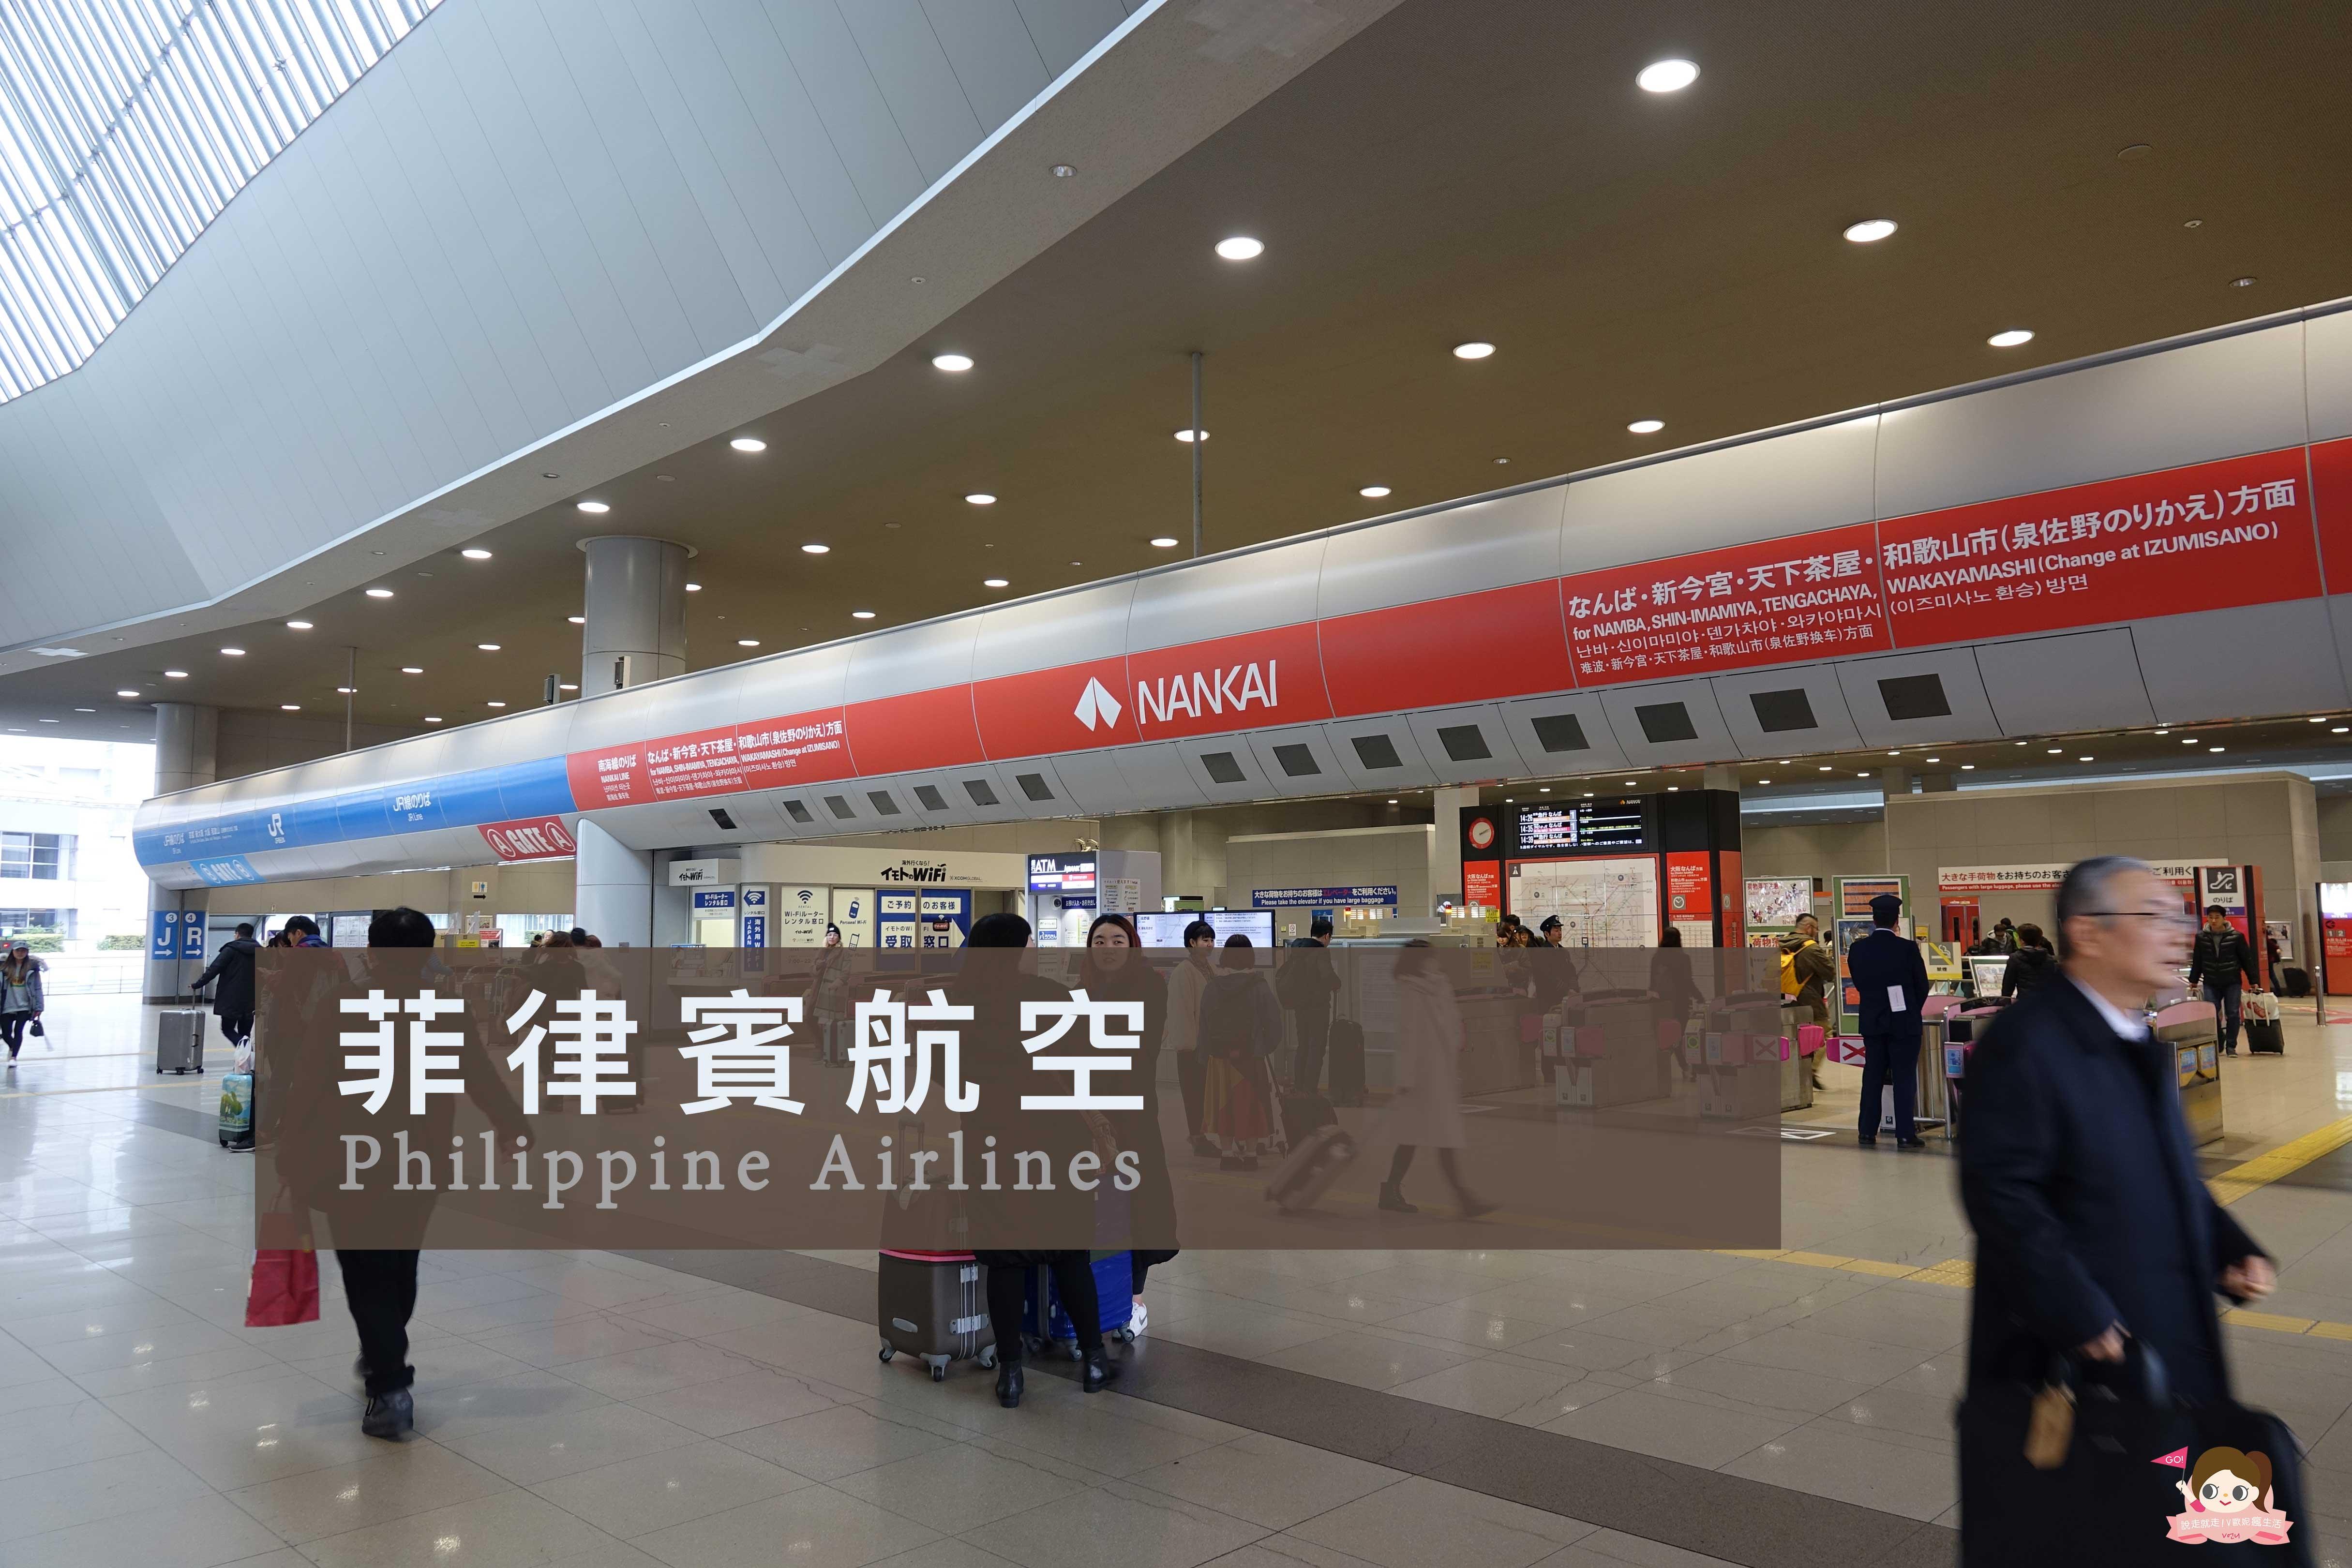 菲律賓航空桃園機場(TPE) - 關西空港(KIX) ,航班 PR896 飛行紀錄